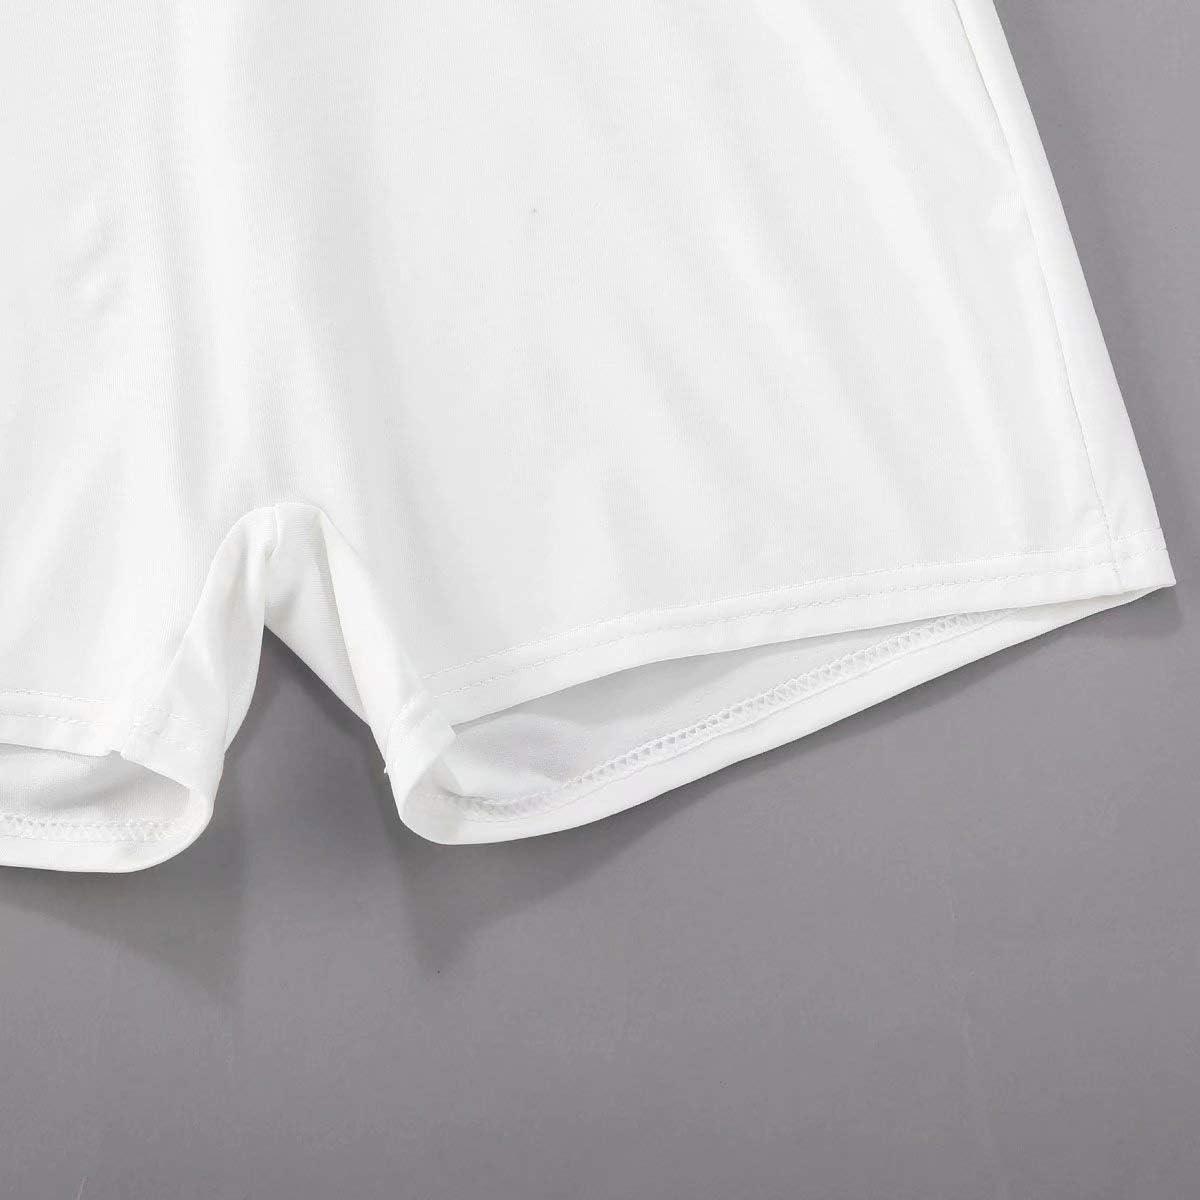 Pantalones Cortos El/ásticos de Cintura Alta Entrenamiento de Culturismo Conjunto de Ch/ándal de Verano para Mujer 2 Piezas Sujetadores Deportivos